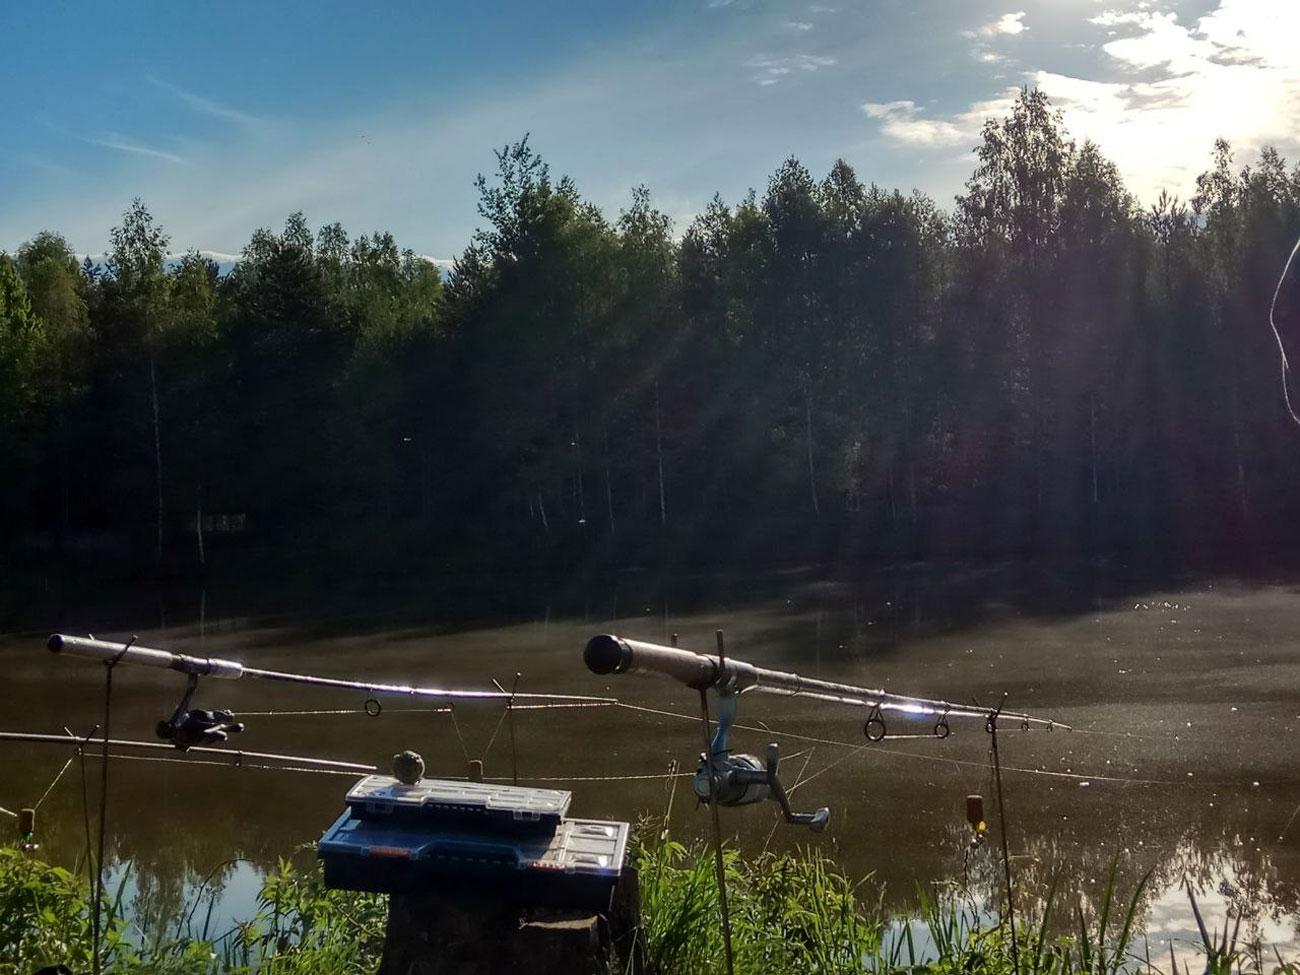 Жизнь-в-стране-голубых-озер:-топ-5-лучших-мест-для-рыбалки